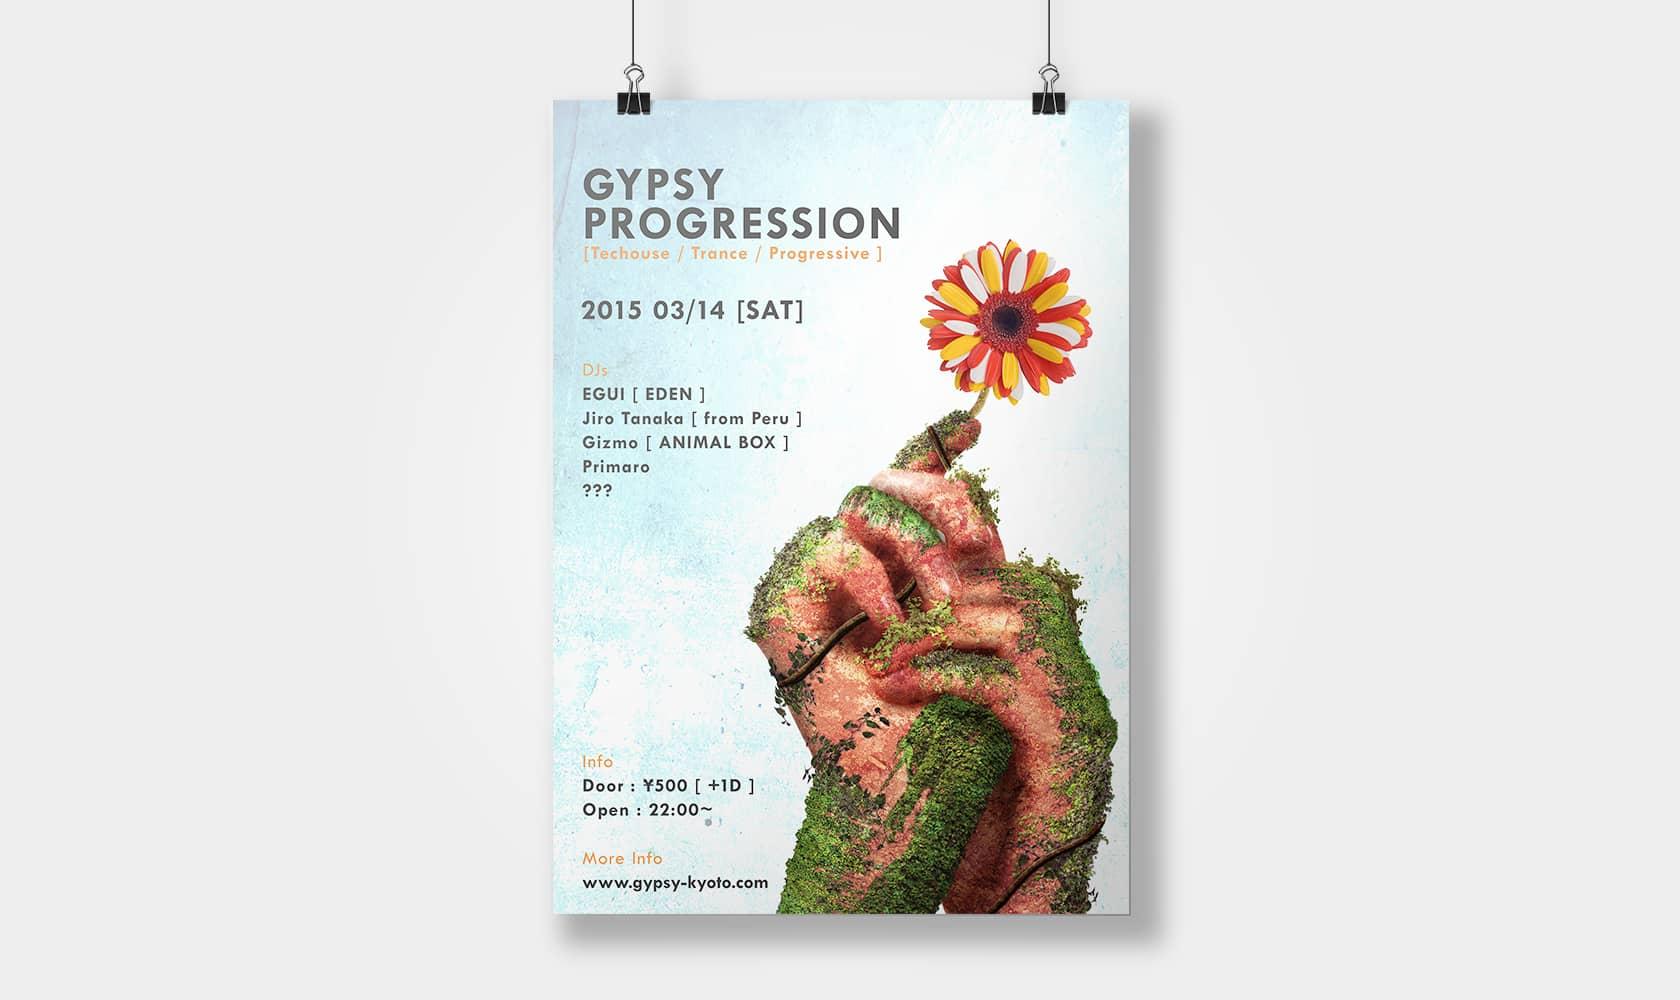 GYPSY PROGRESSION 2015.3.14